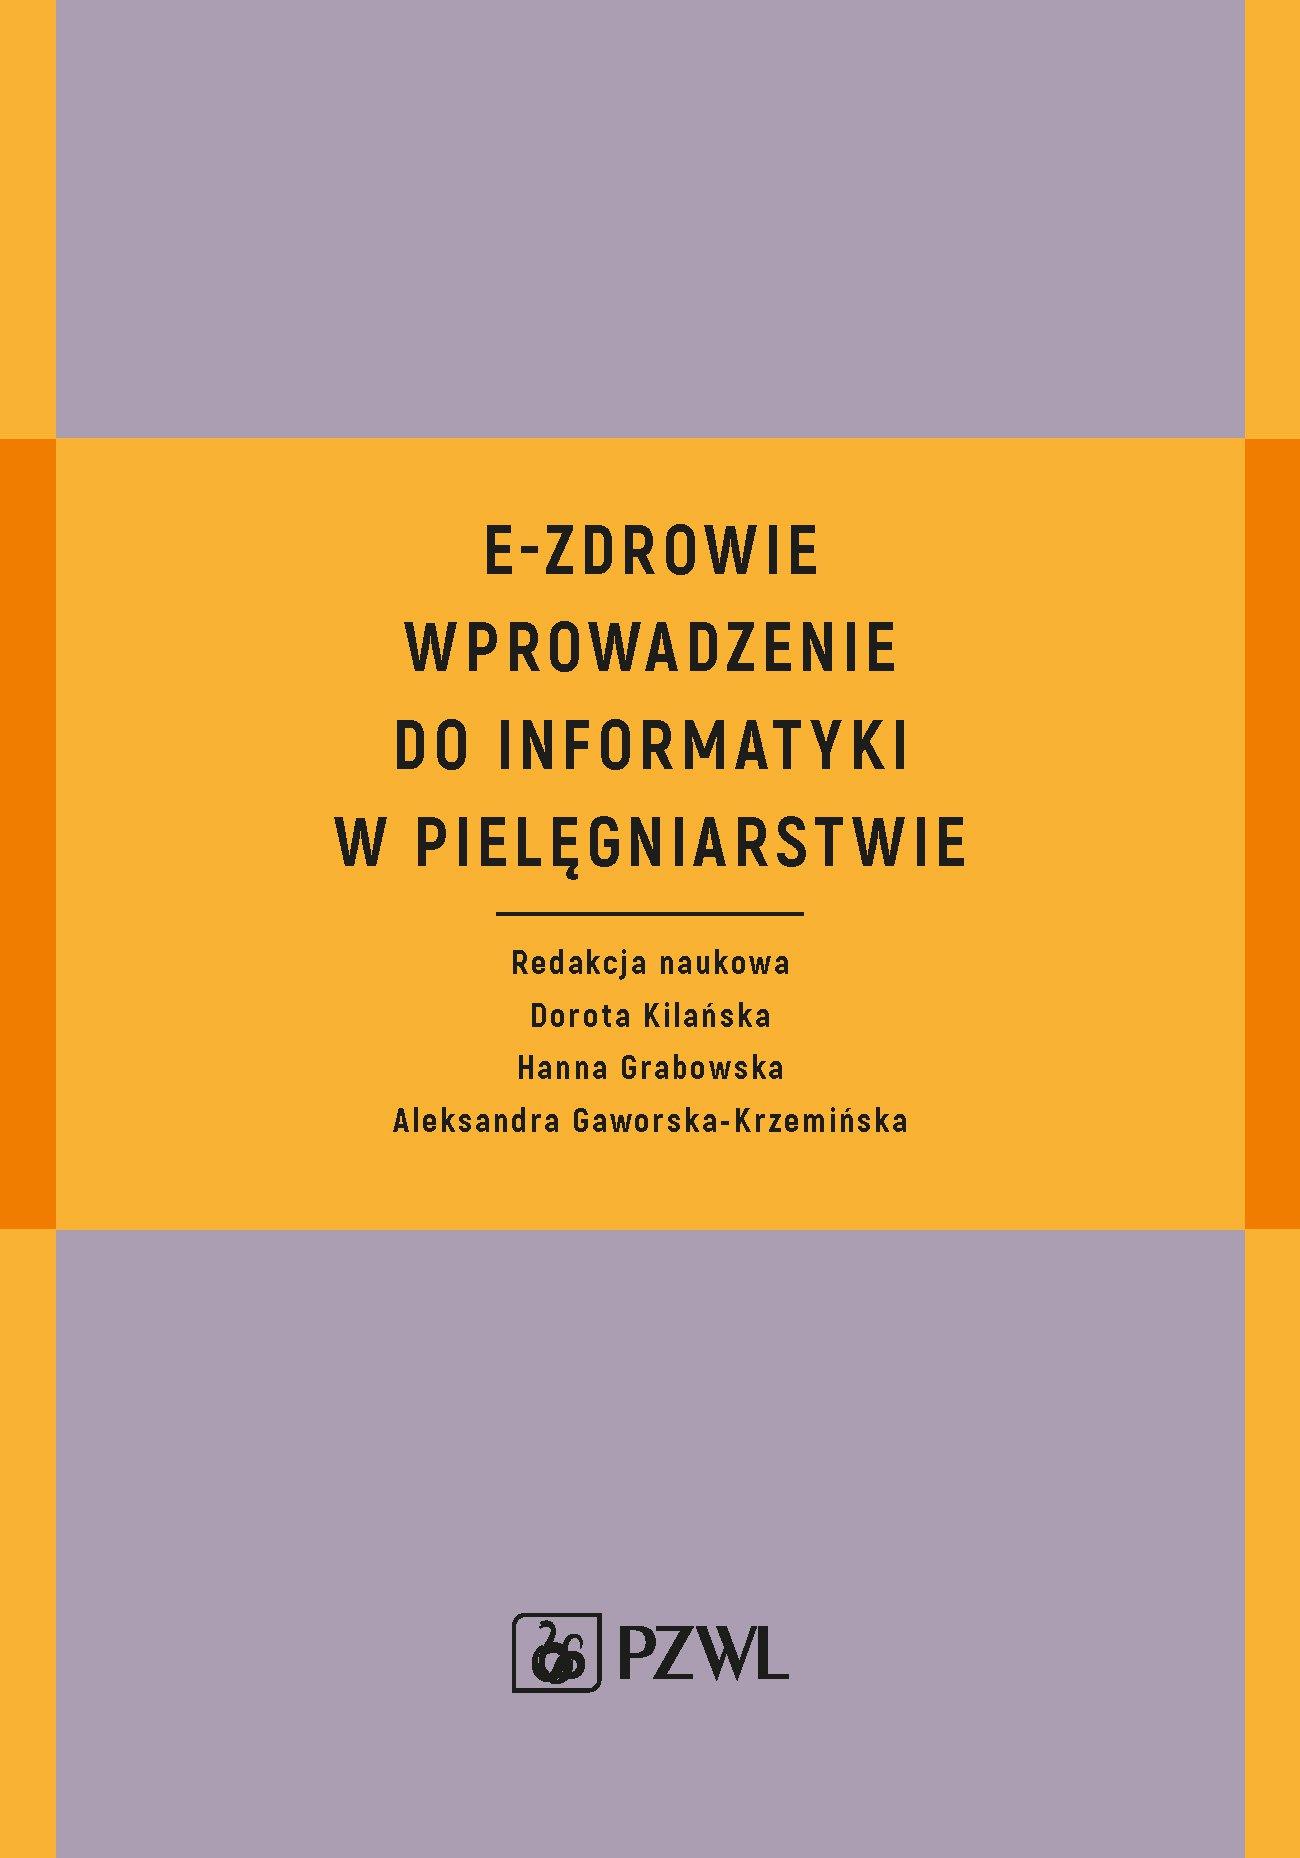 E-Zdrowie. Wprowadzenie do informatyki w pielęgniarstwie - Ebook (Książka EPUB) do pobrania w formacie EPUB